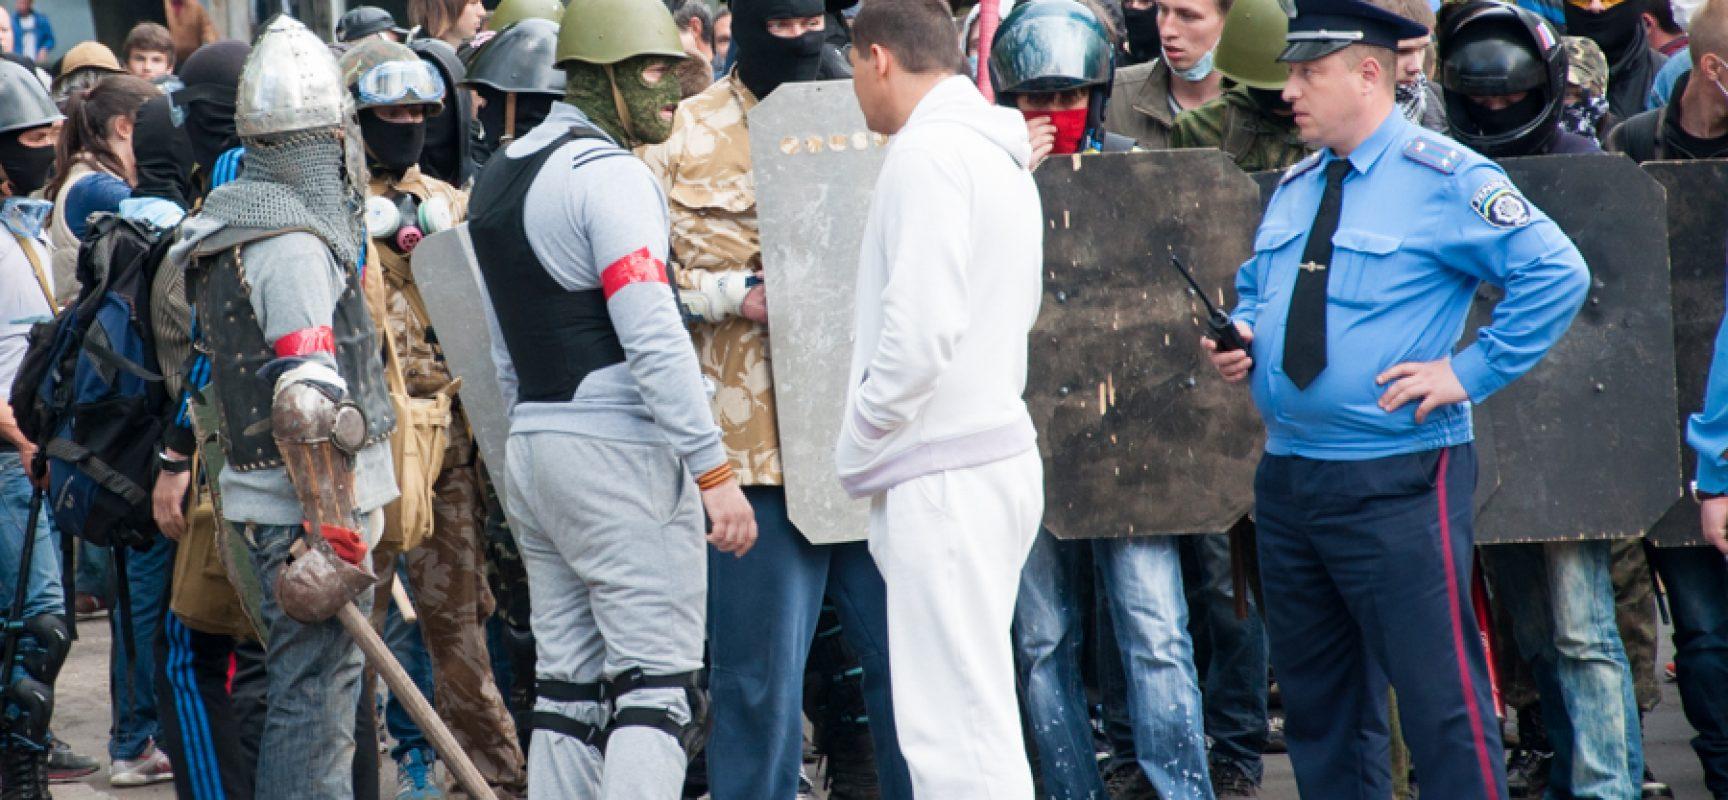 Неправда от Тимошенко: милиция сделала все возможное для защиты людей в Одессе